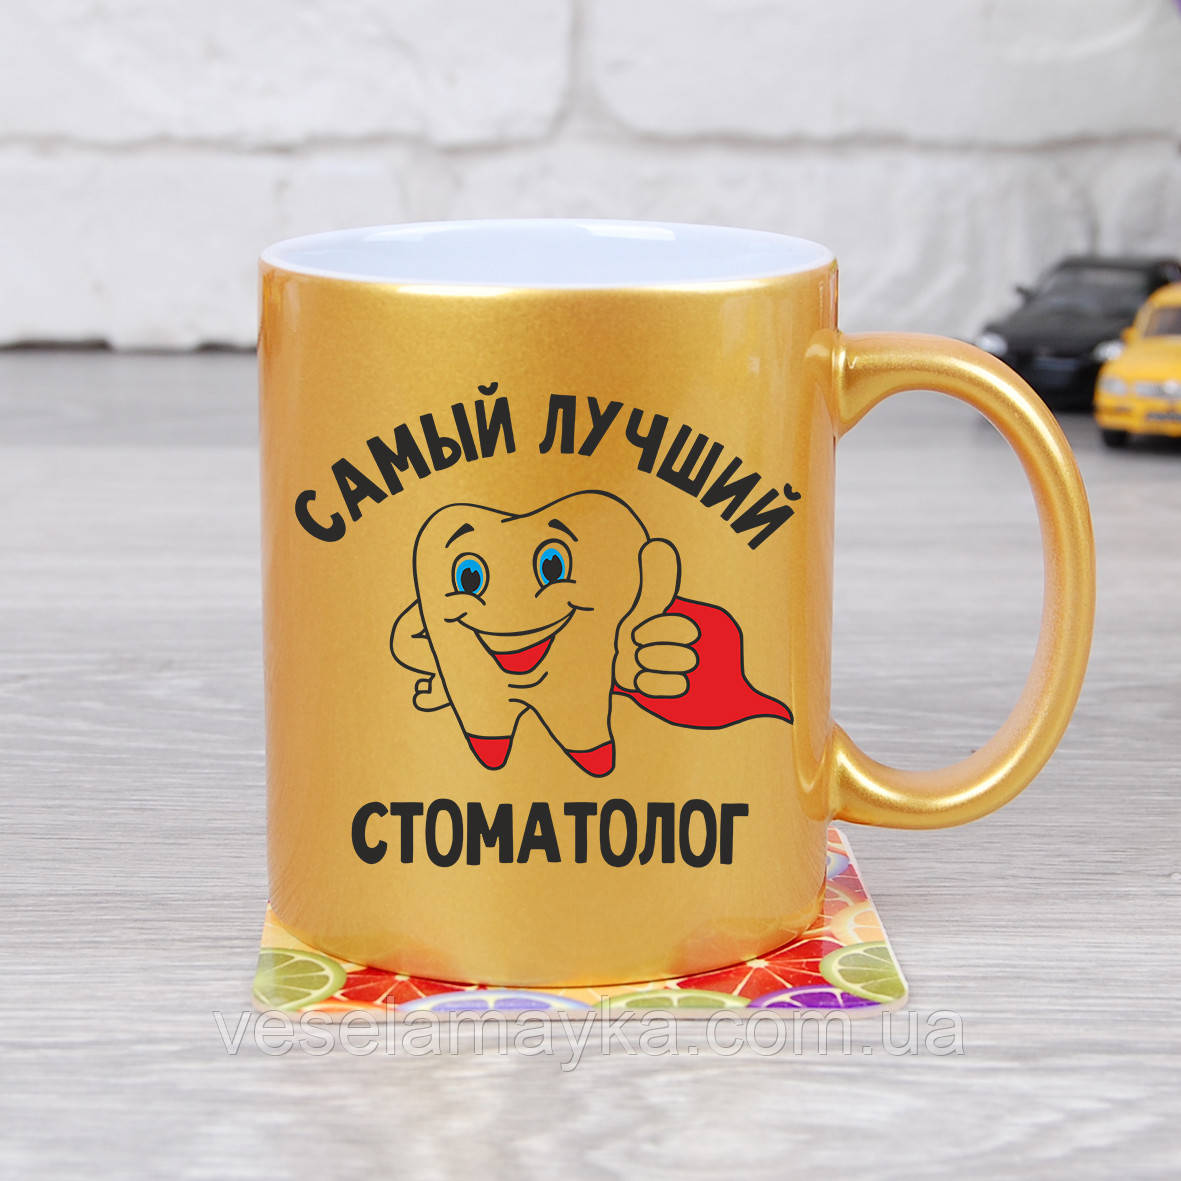 """Золотая чашка """"Самый лучший стоматолог"""""""